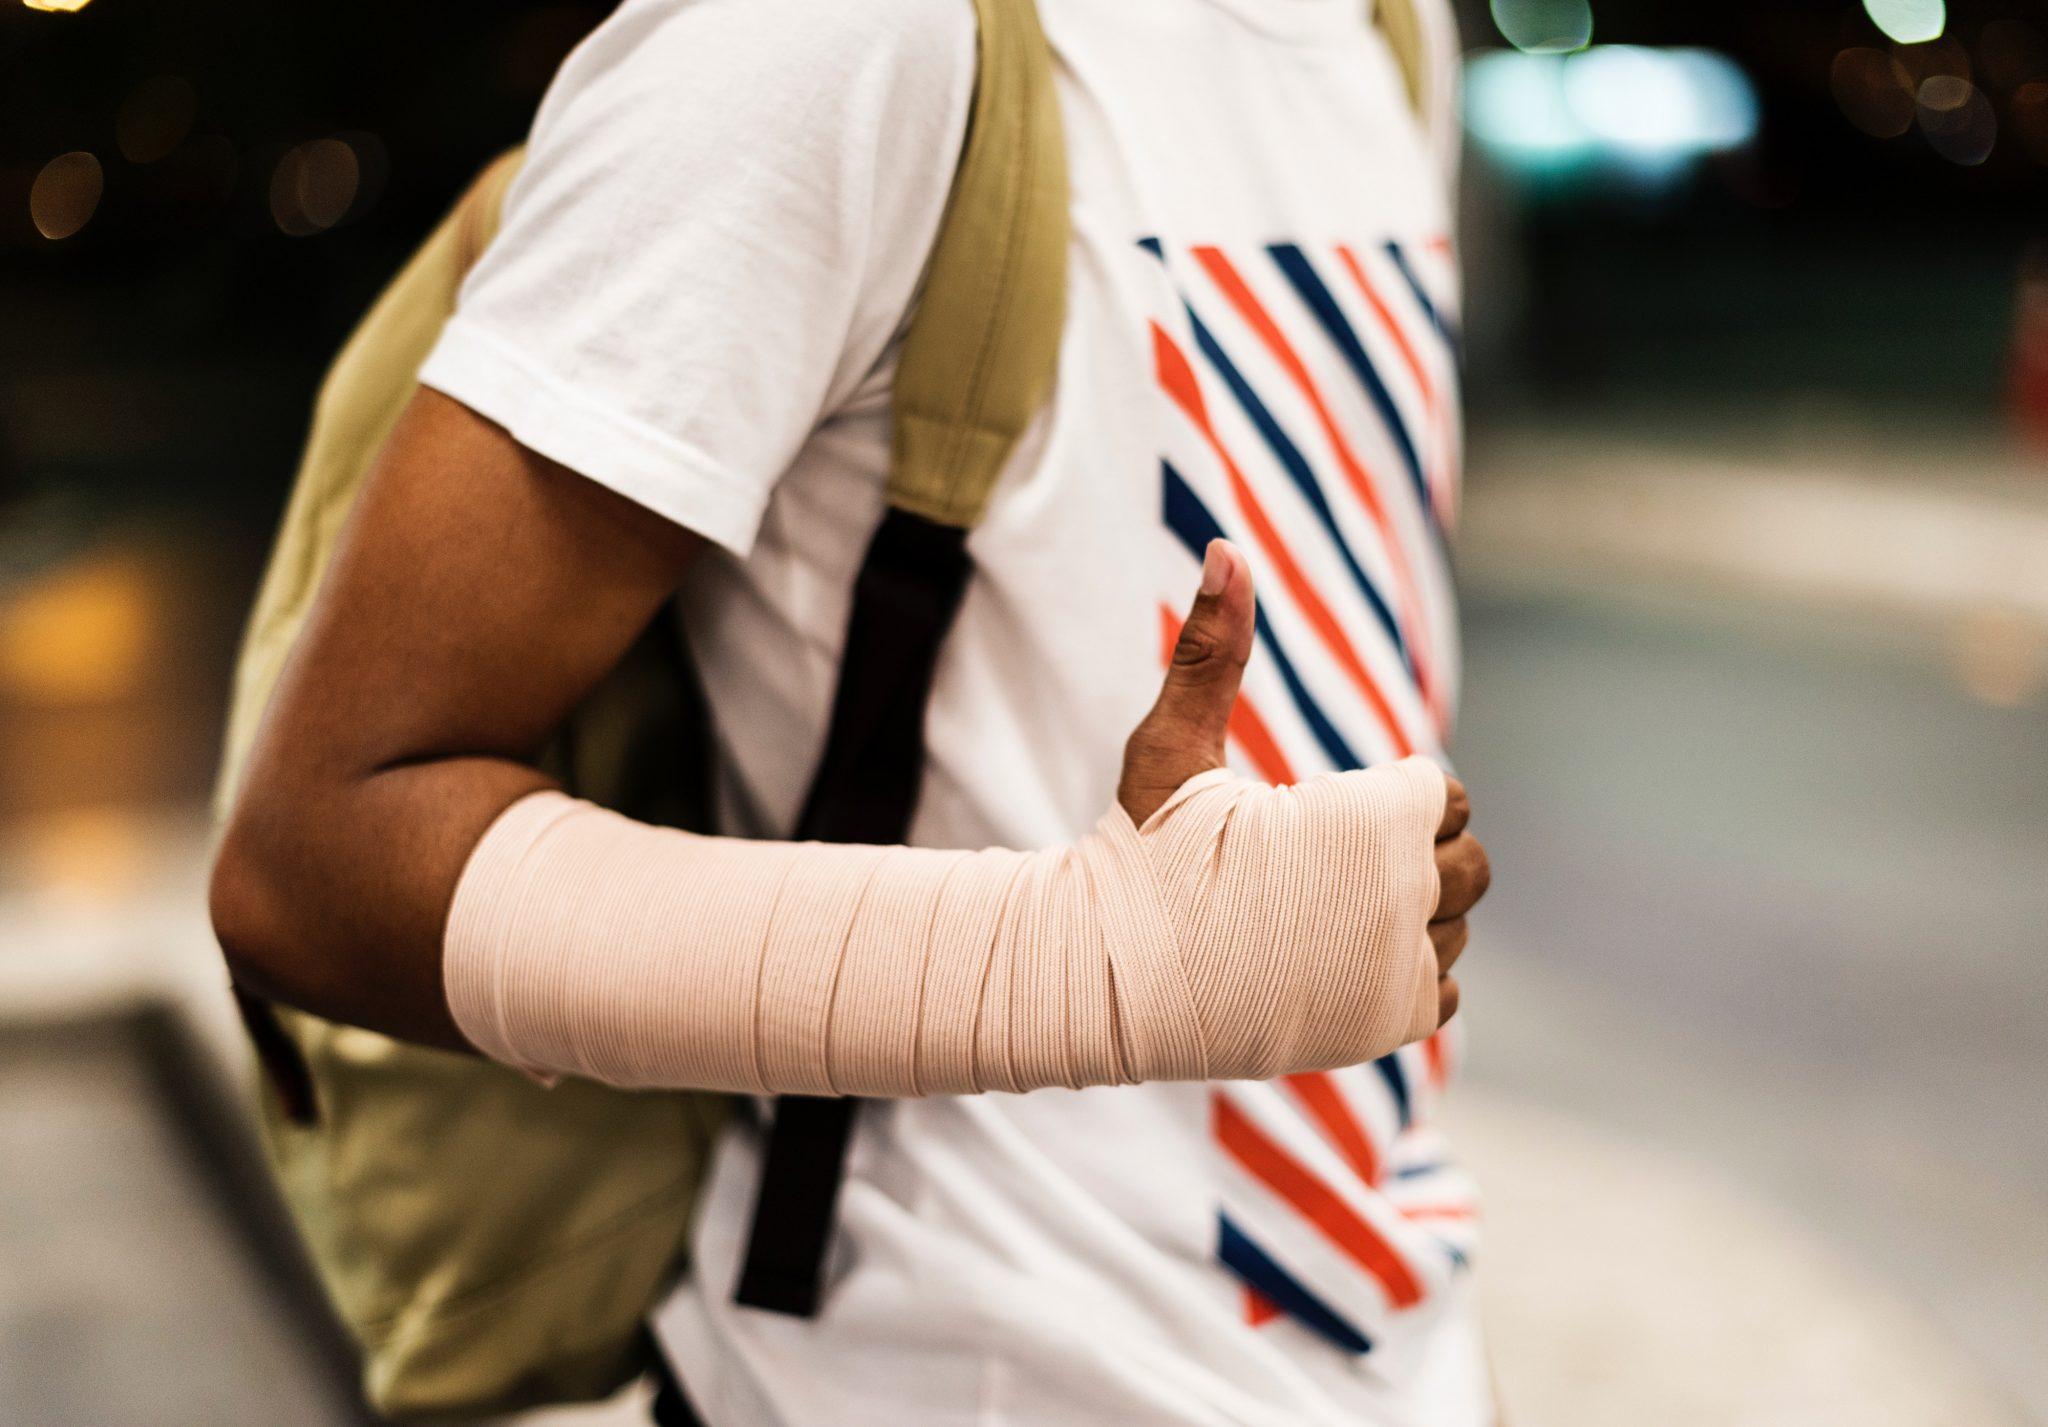 lesión- curación- cicatrización